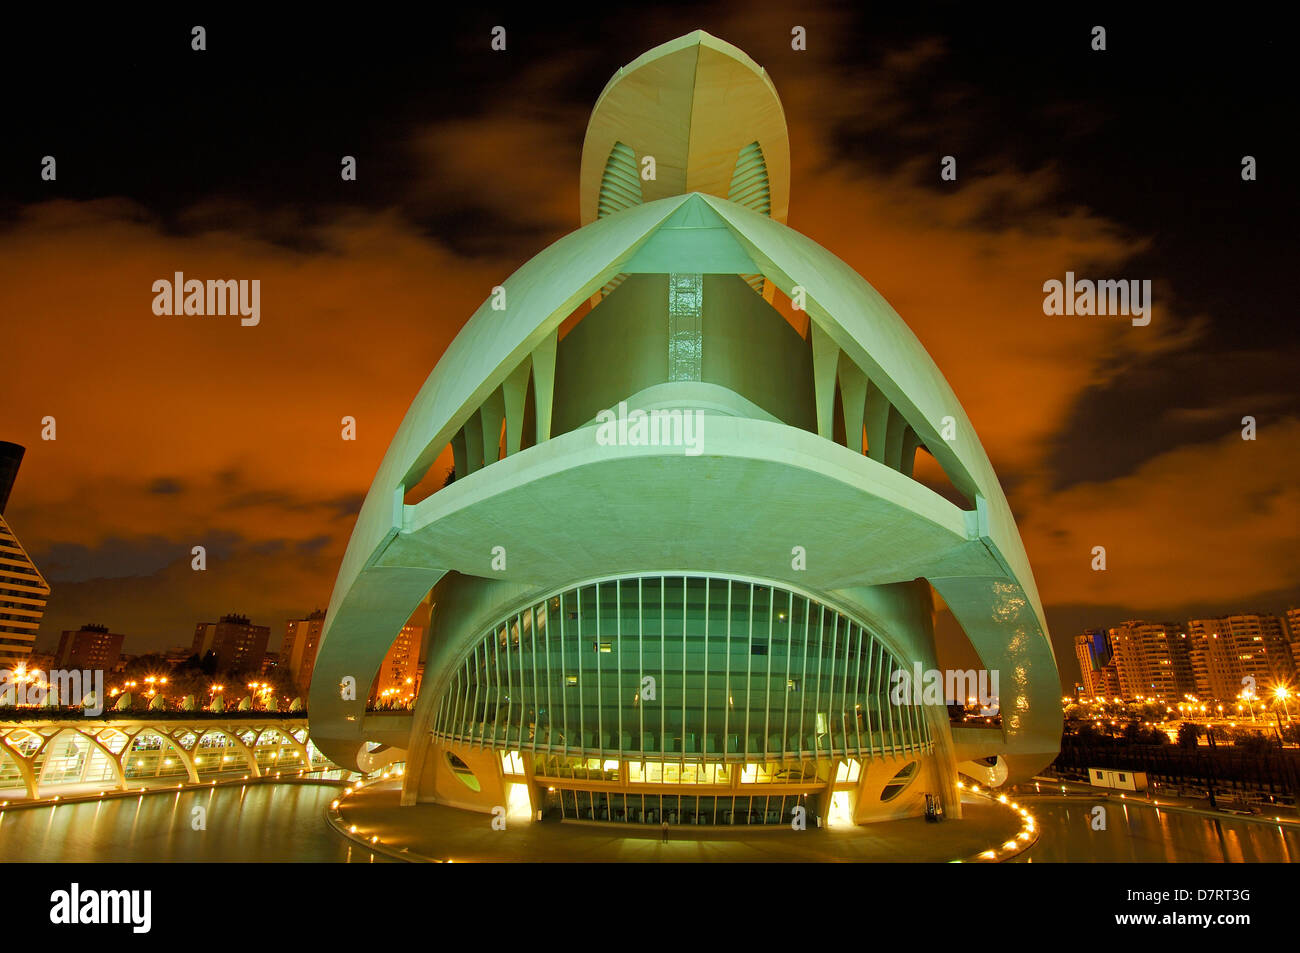 Palacio de las Artes Reina Sofia, por S. Calatrava. Ciudad de las Artes y las Ciencias. Comunidad Valenciana, Valencia. Imagen De Stock